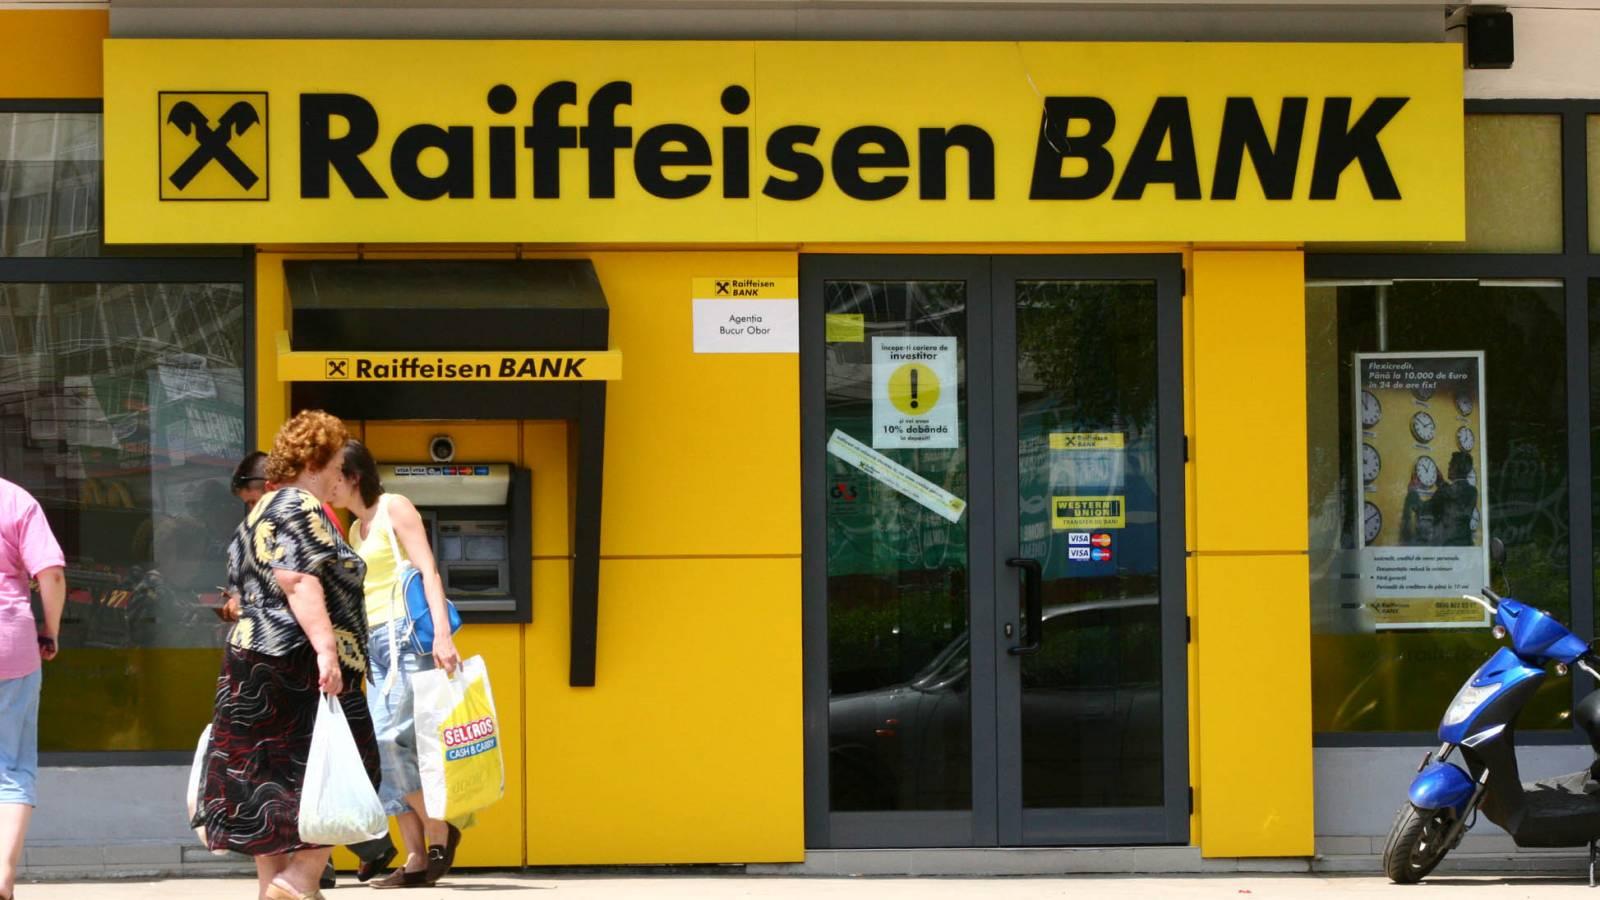 Raiffeisen Bank deposedat